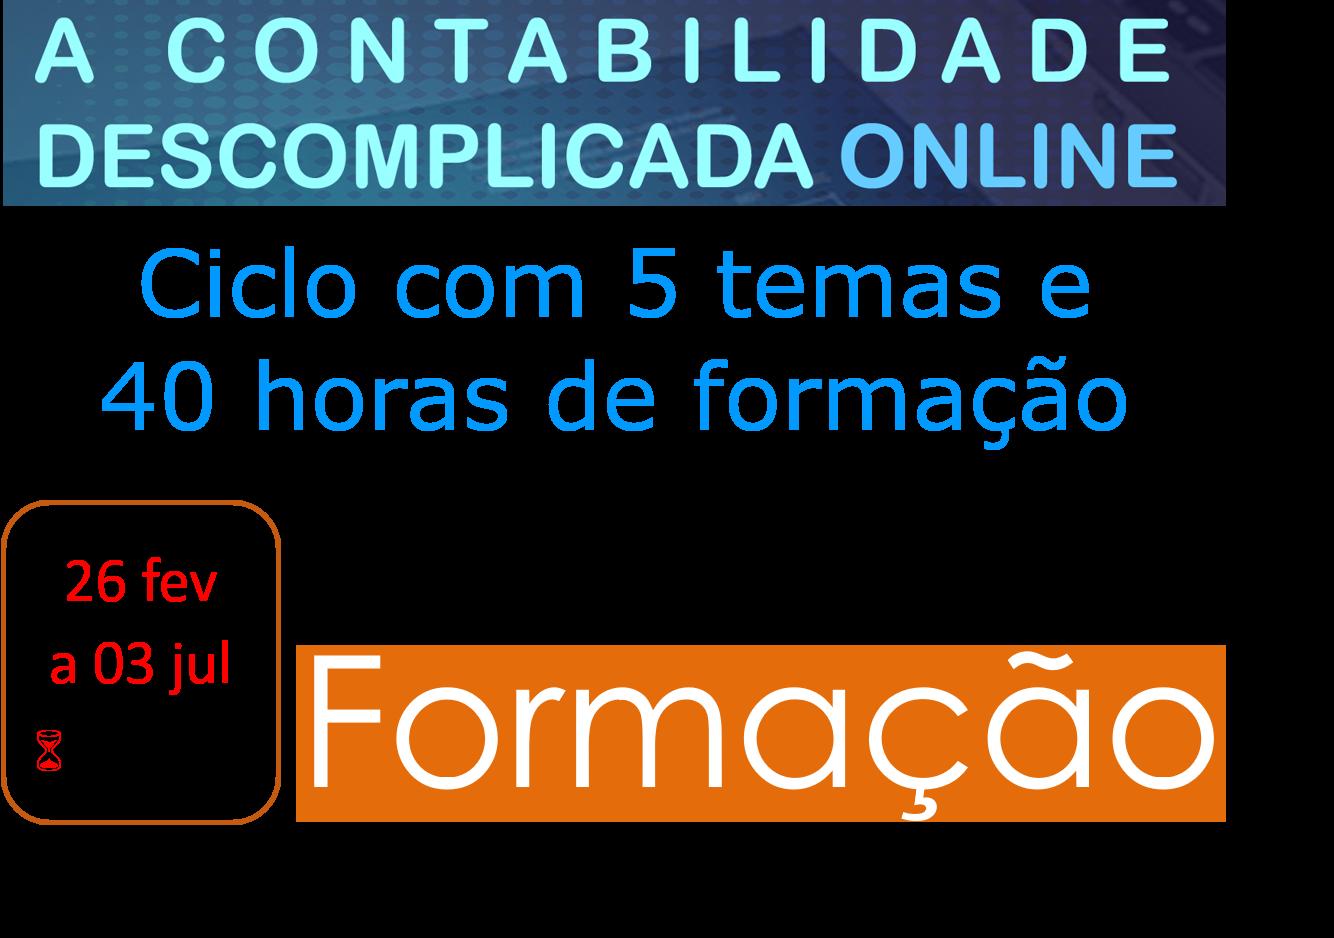 A Contabilidade Descomplicada Online (inscrição para os 5 temas) - 26/fev a 03/jul